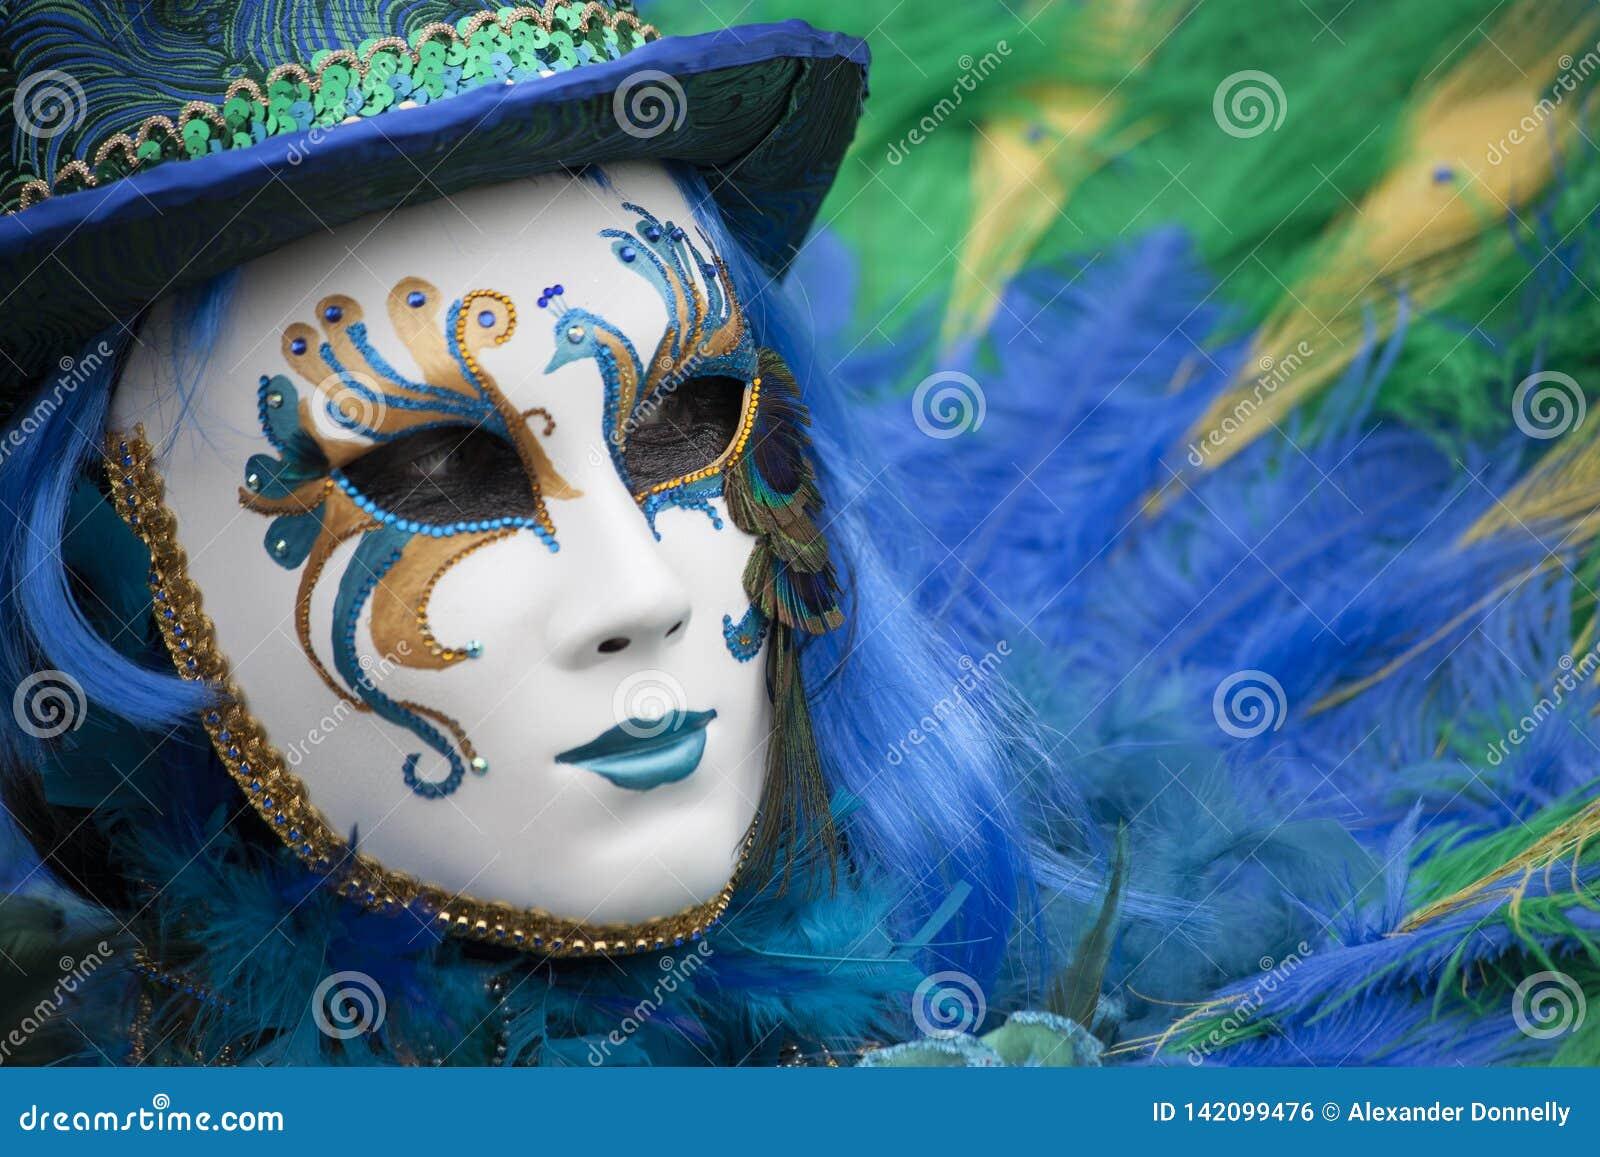 Человек на масленице Венеции одетый в голубом, желтом & зеленом венецианском костюме и венецианской маске с пером Венецией Италие